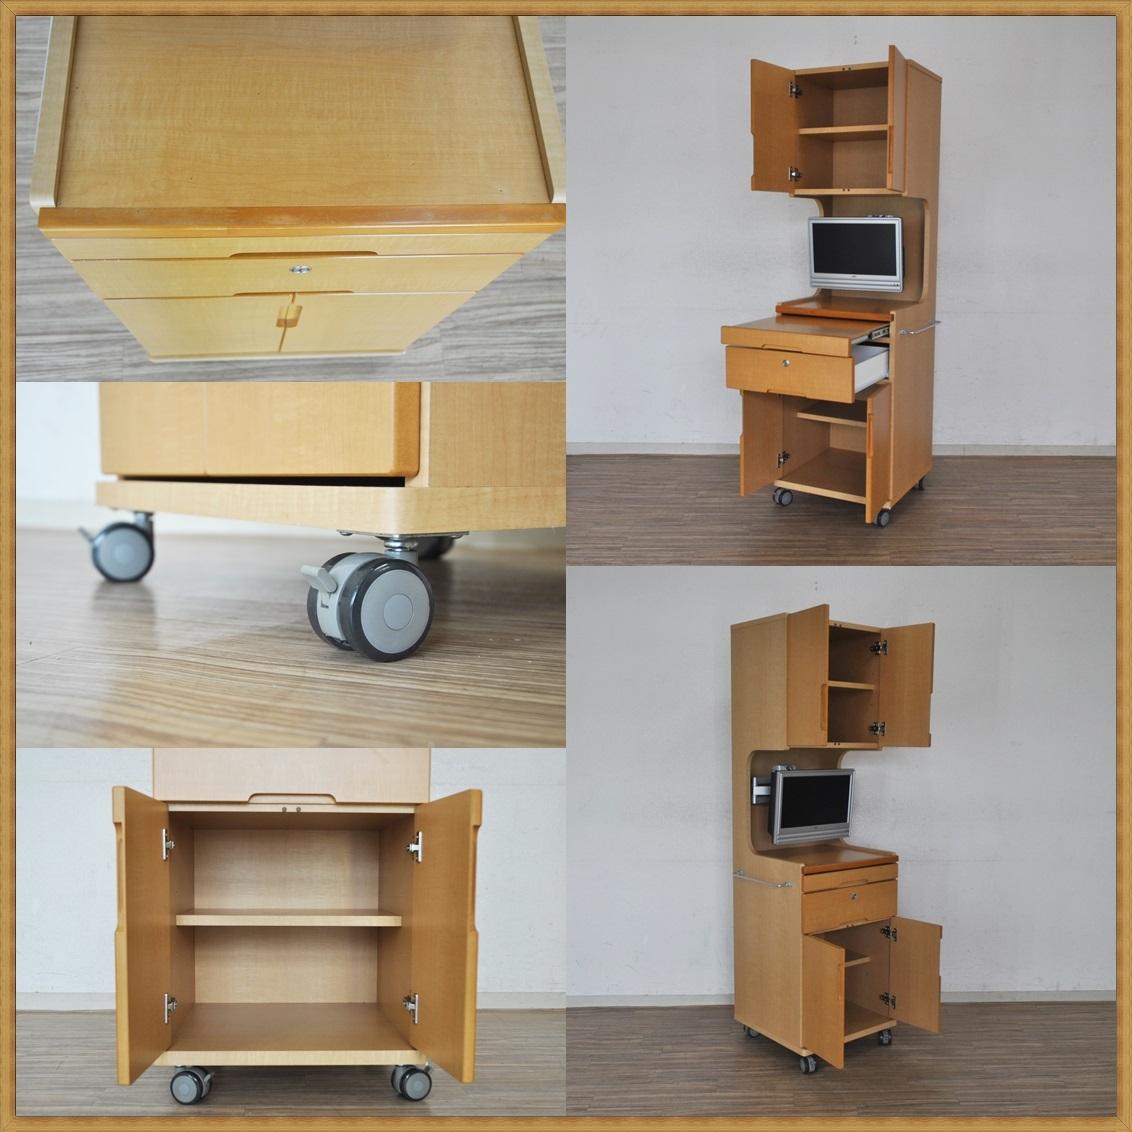 日本製ハイタイプ多機能型床頭台ONKYO LiVデジタルテレビB-CAS・リモコン・可動アーム付き 引出しスライドレール鍵付き収納棚 美完成品_画像8